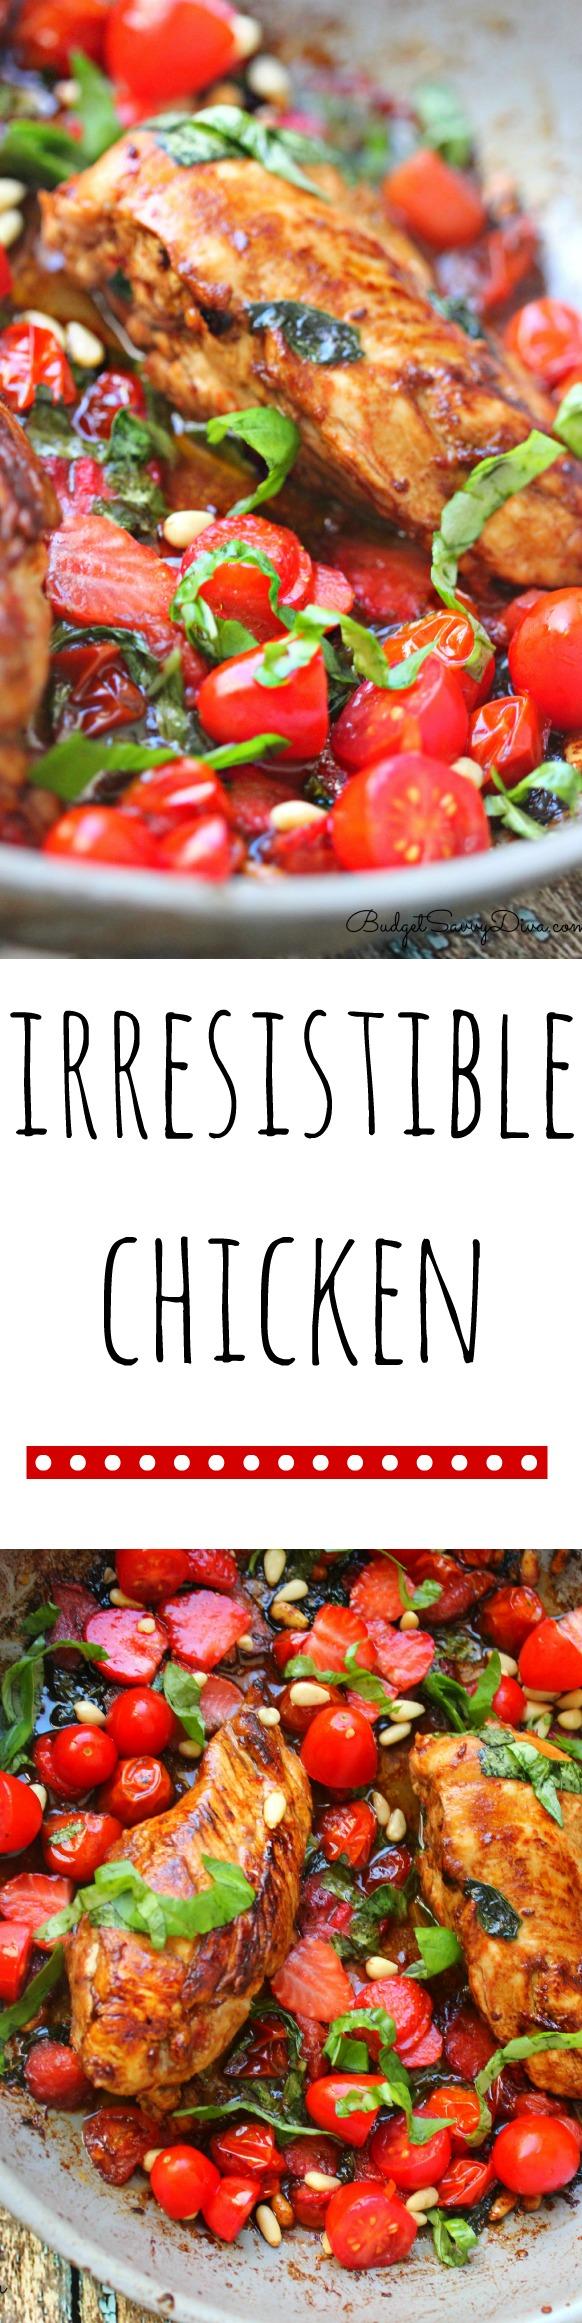 Irresistible Chicken Recipe